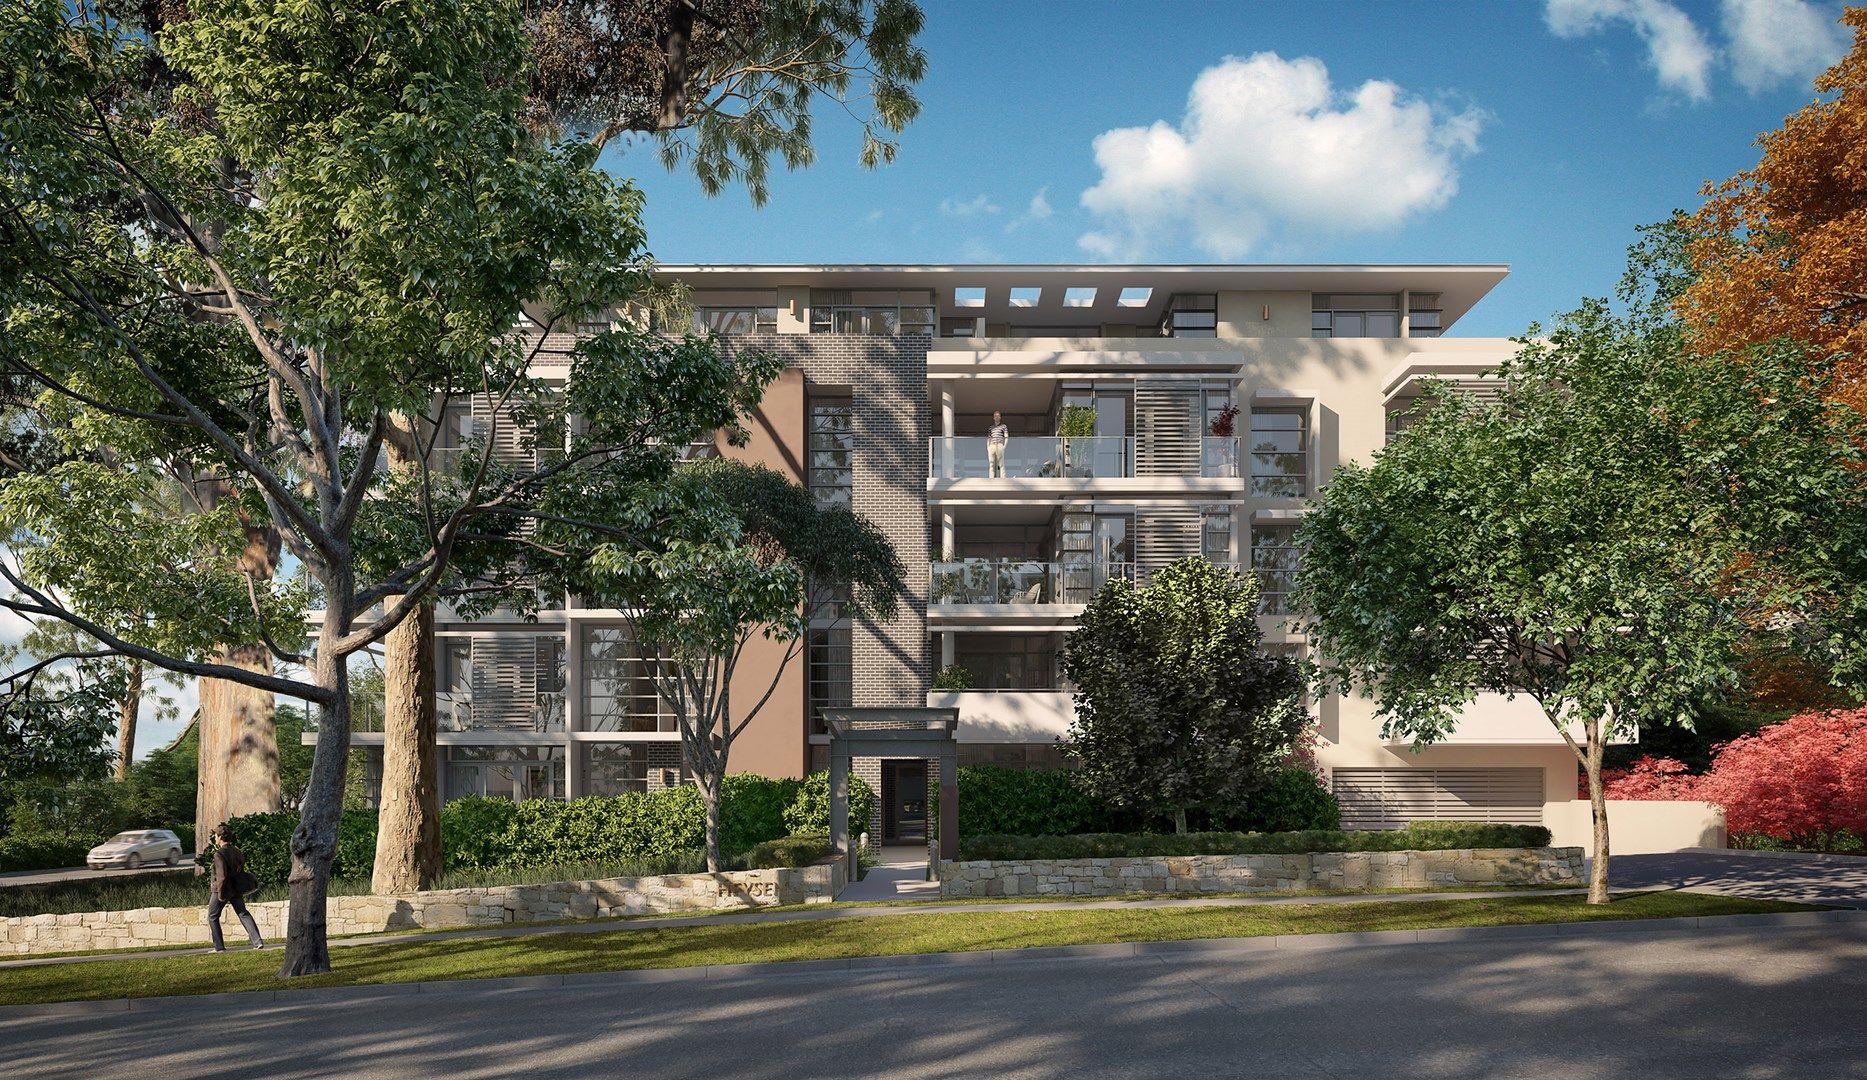 19-21 Turramurra Avenue , Turramurra, NSW 2074, Image 0